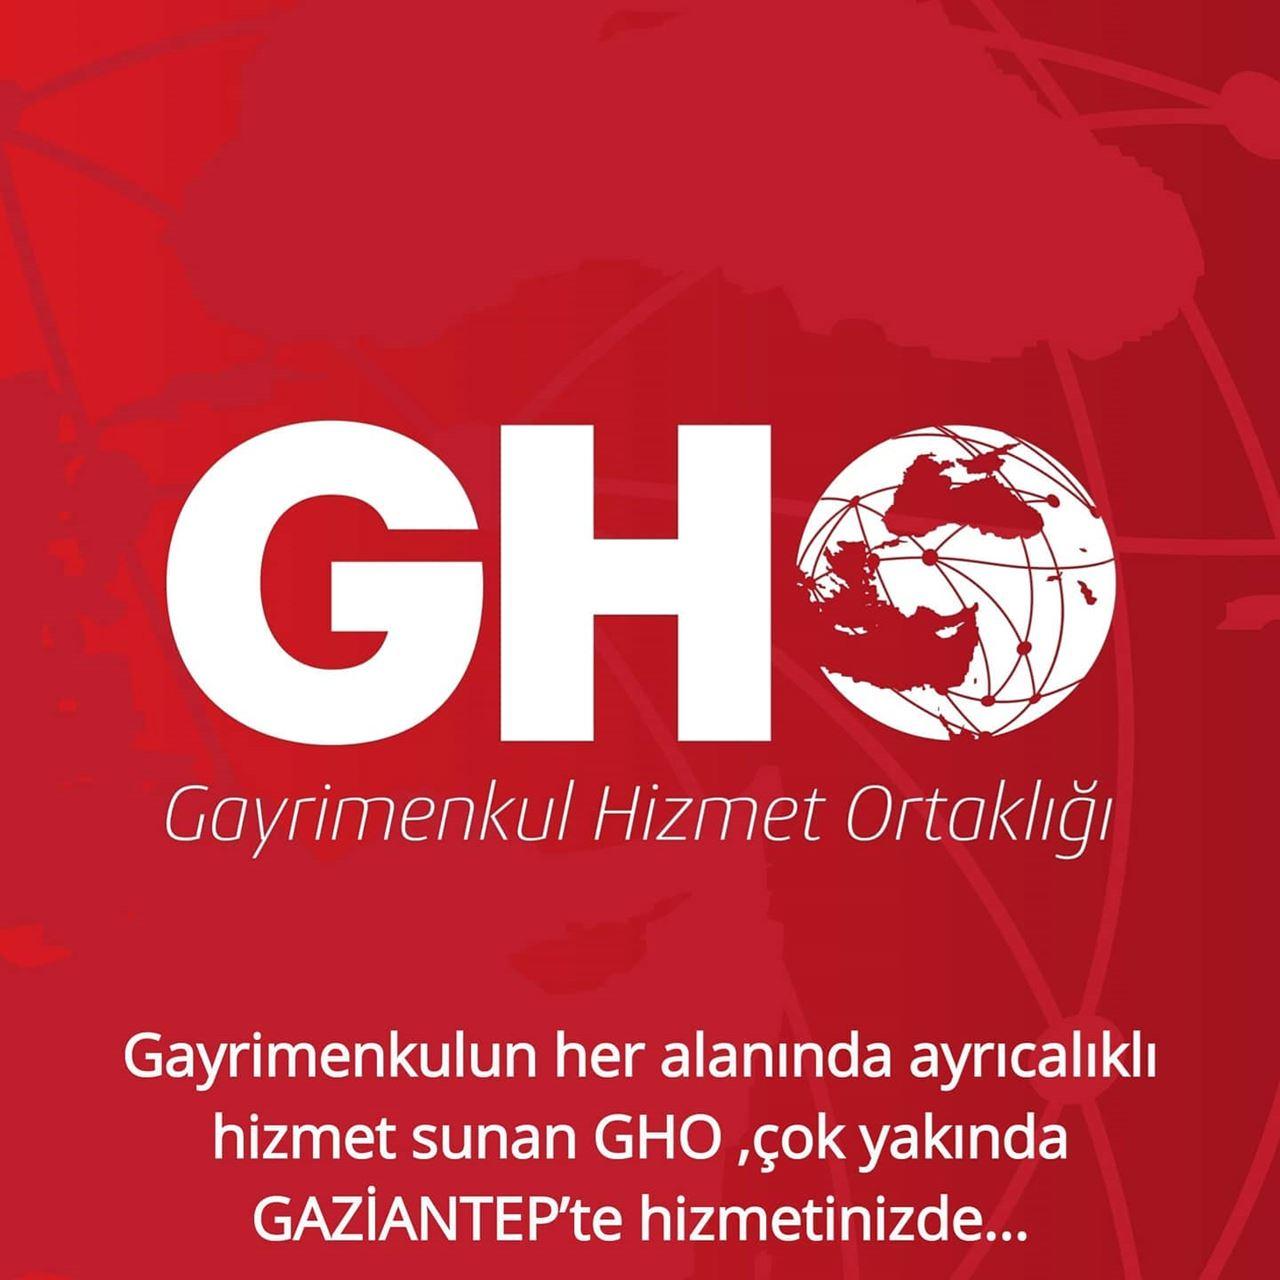 GHO ÇOK YAKINDA GAZİANTEP'TE HİZMETİNİZDE...